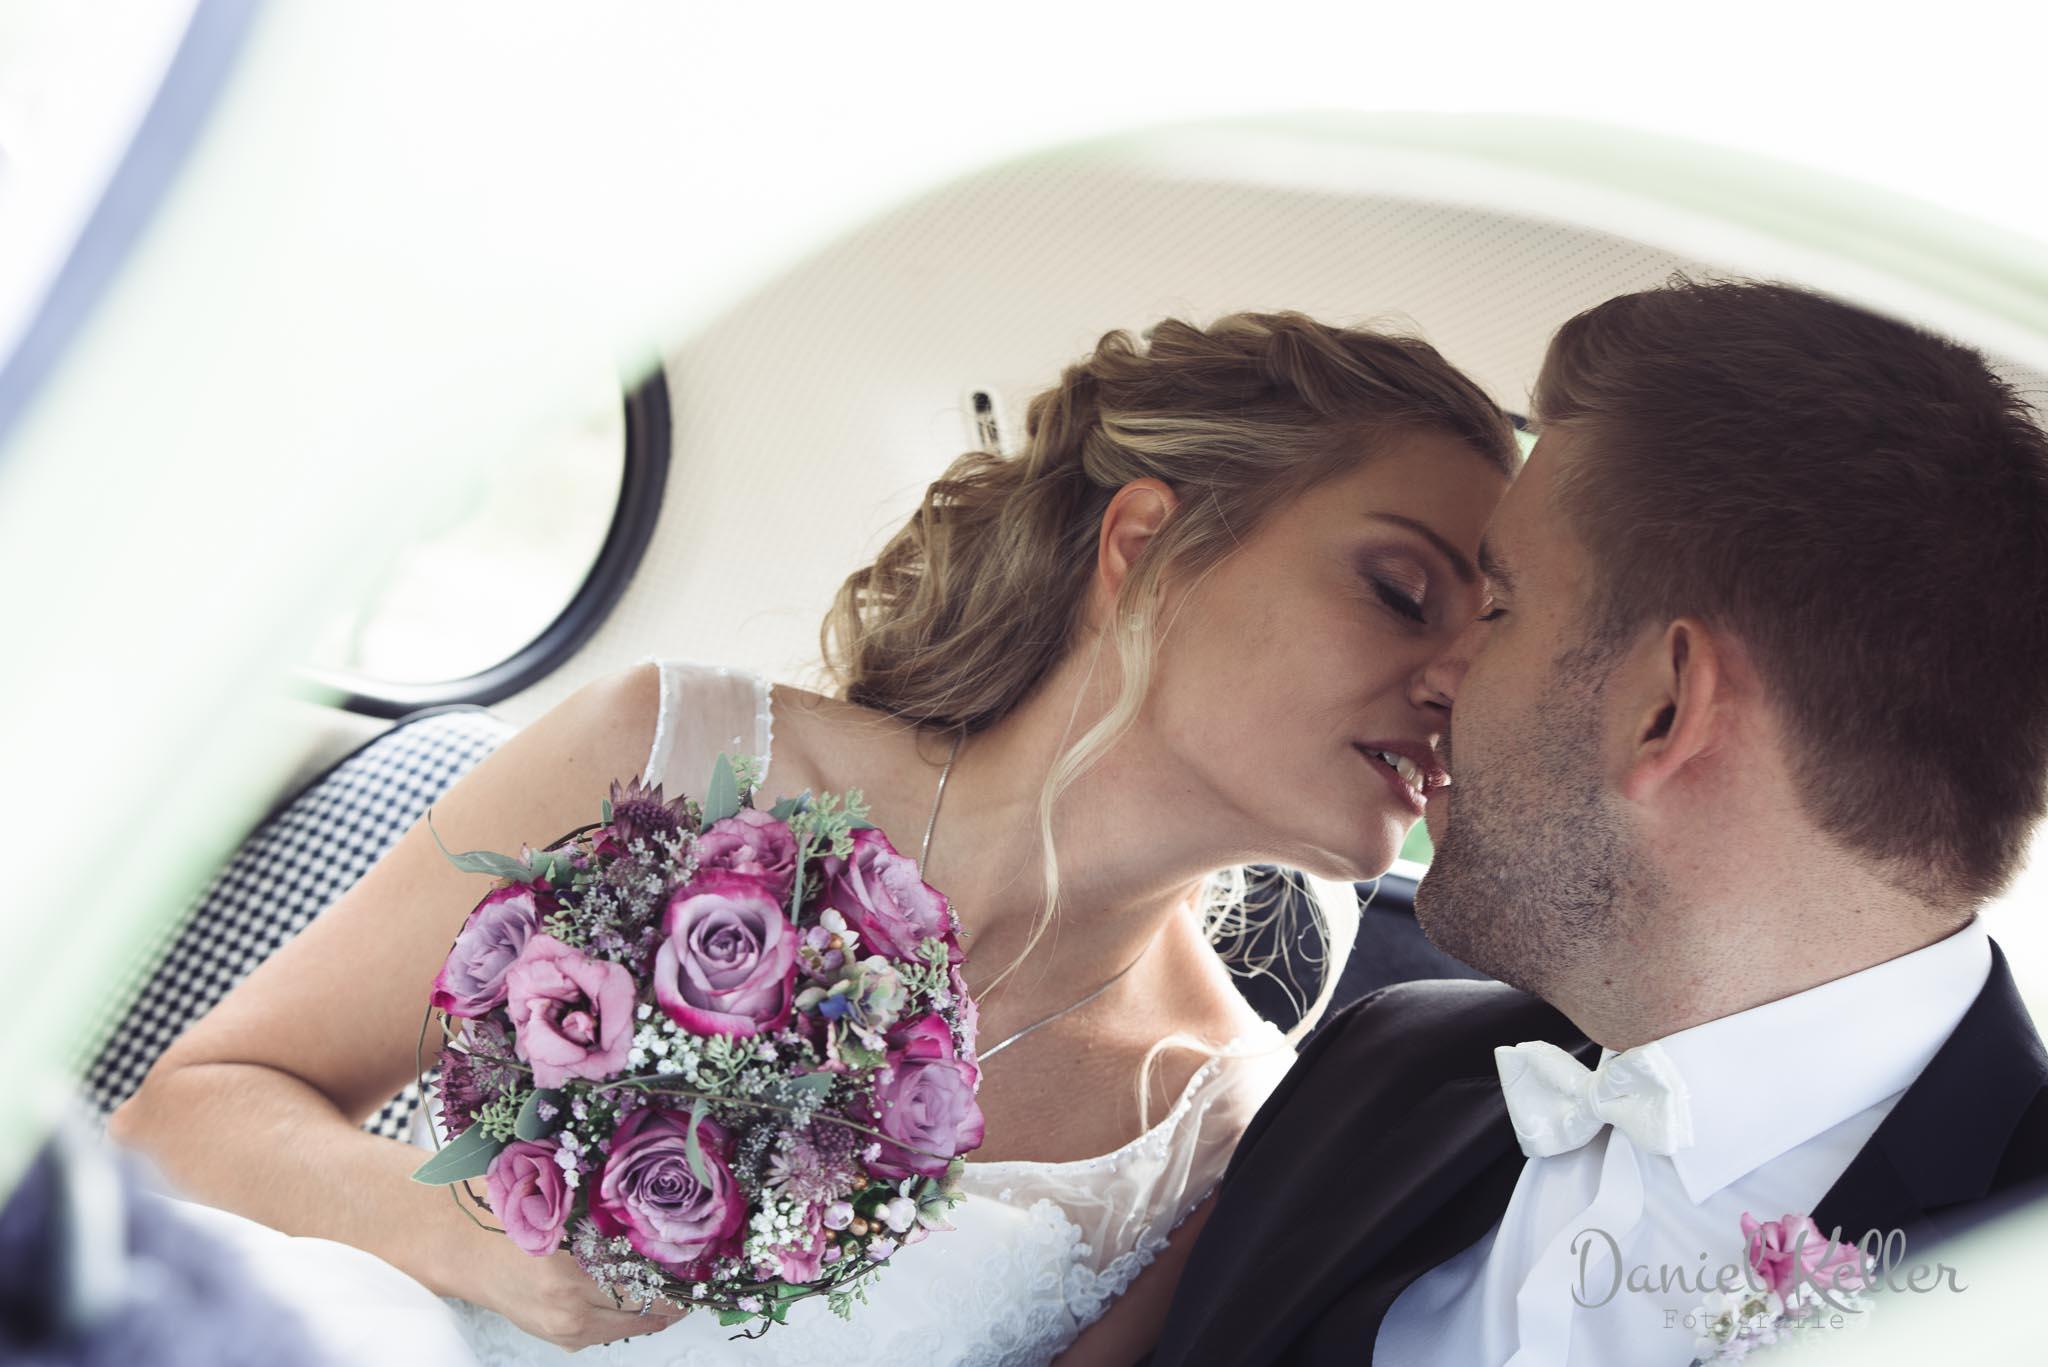 Hochzeitsfotograf Karlsruhe / Brautpaar im Auto